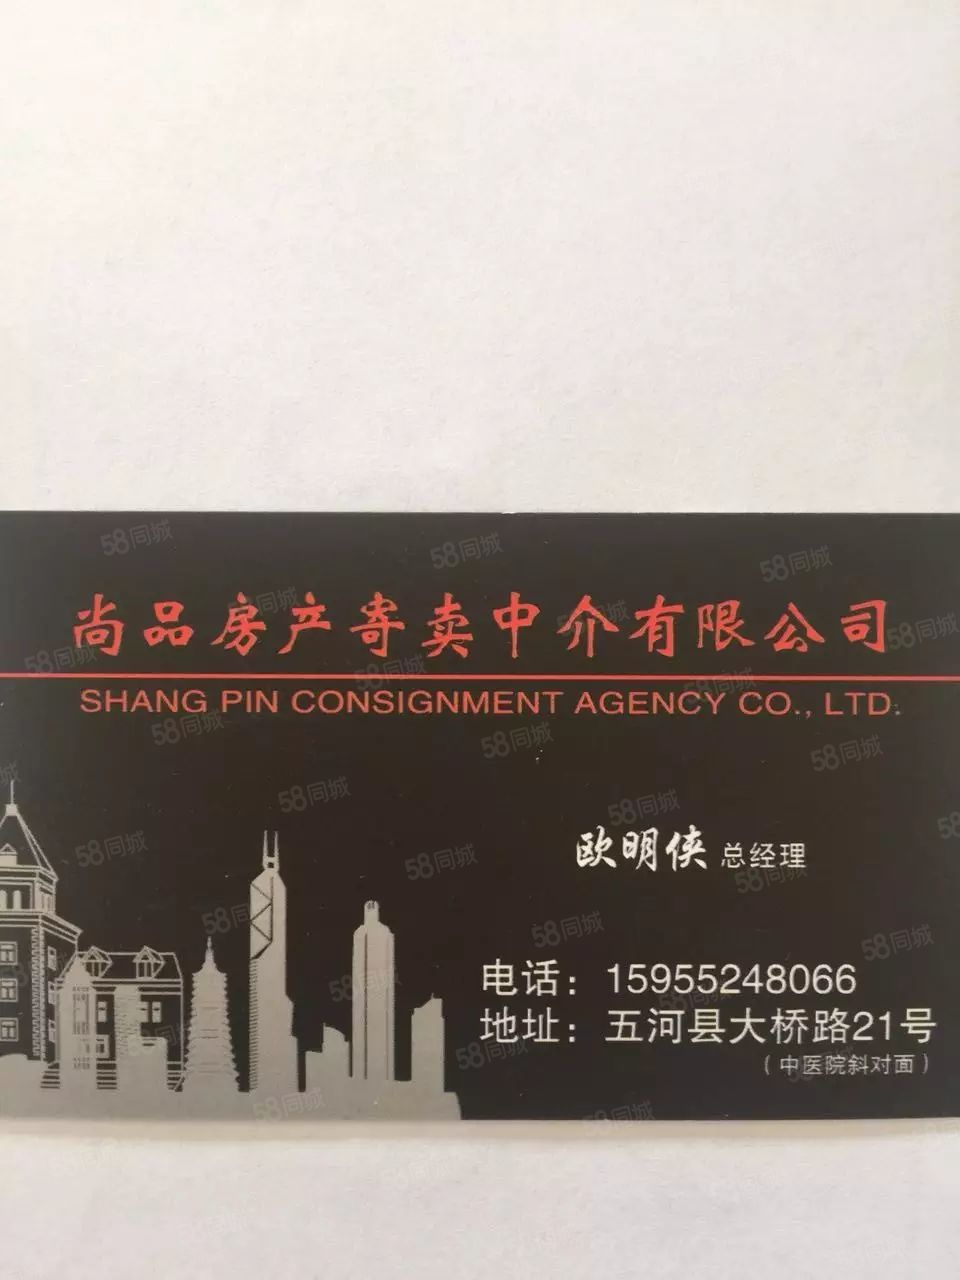 美高梅注册滕飞南苑2楼,三室两厅一厨一卫,豪华装修,拎包入住。